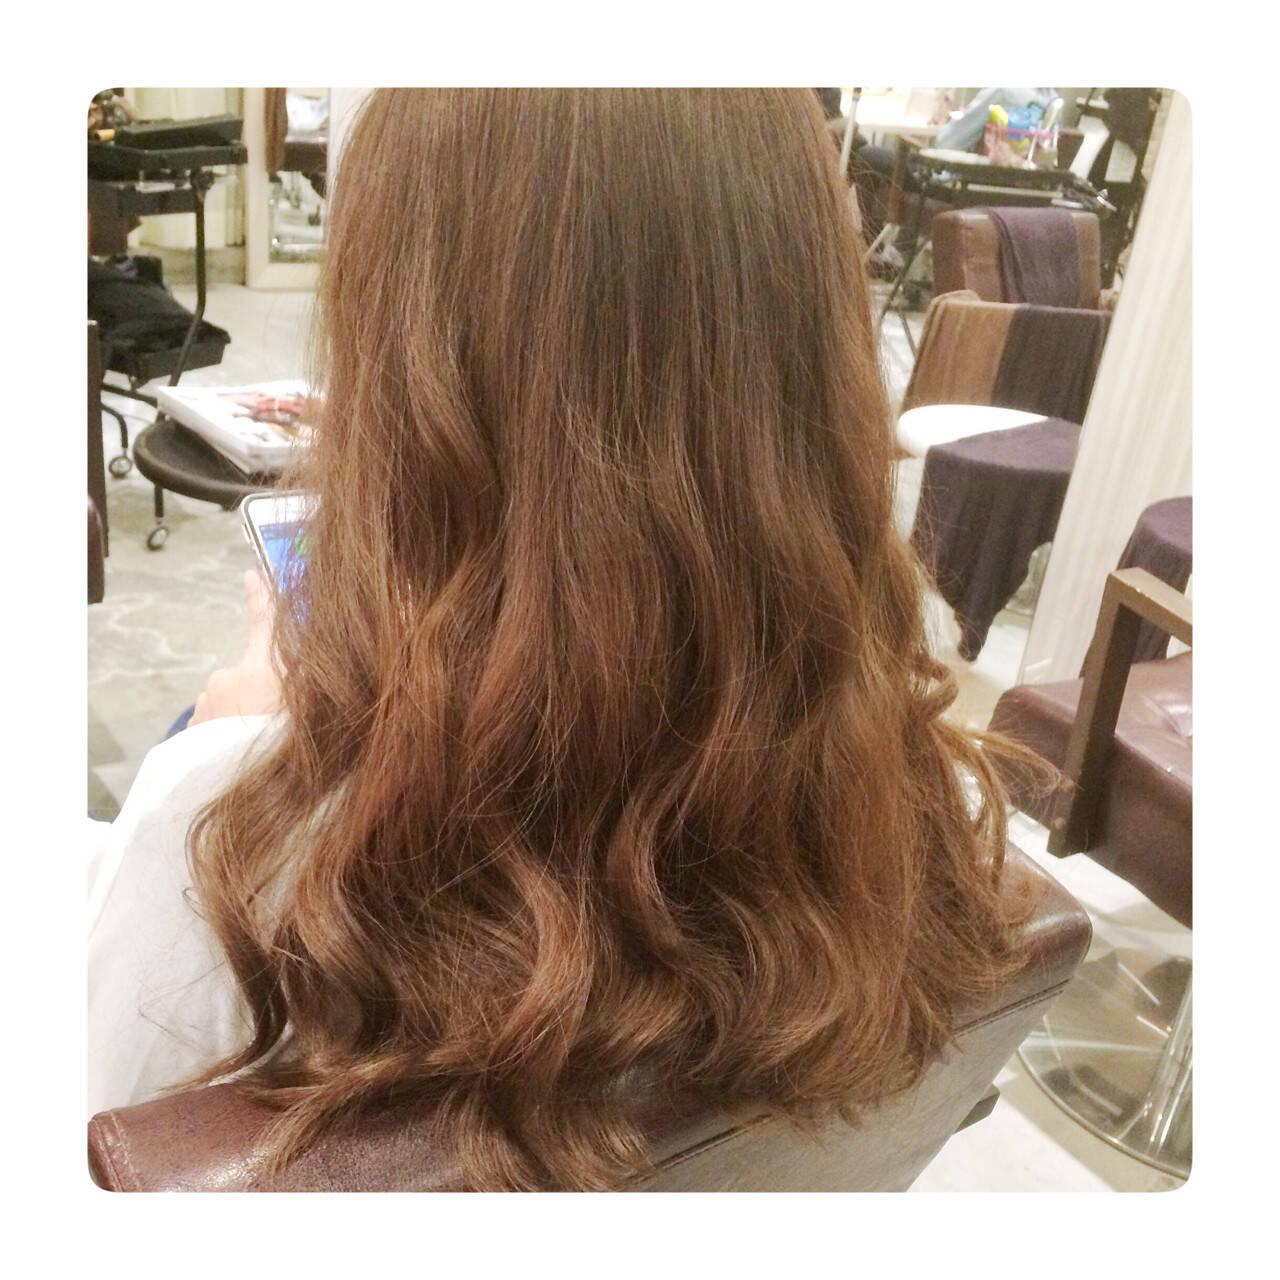 コンサバ ゆるふわ セミロング 大人かわいいヘアスタイルや髪型の写真・画像